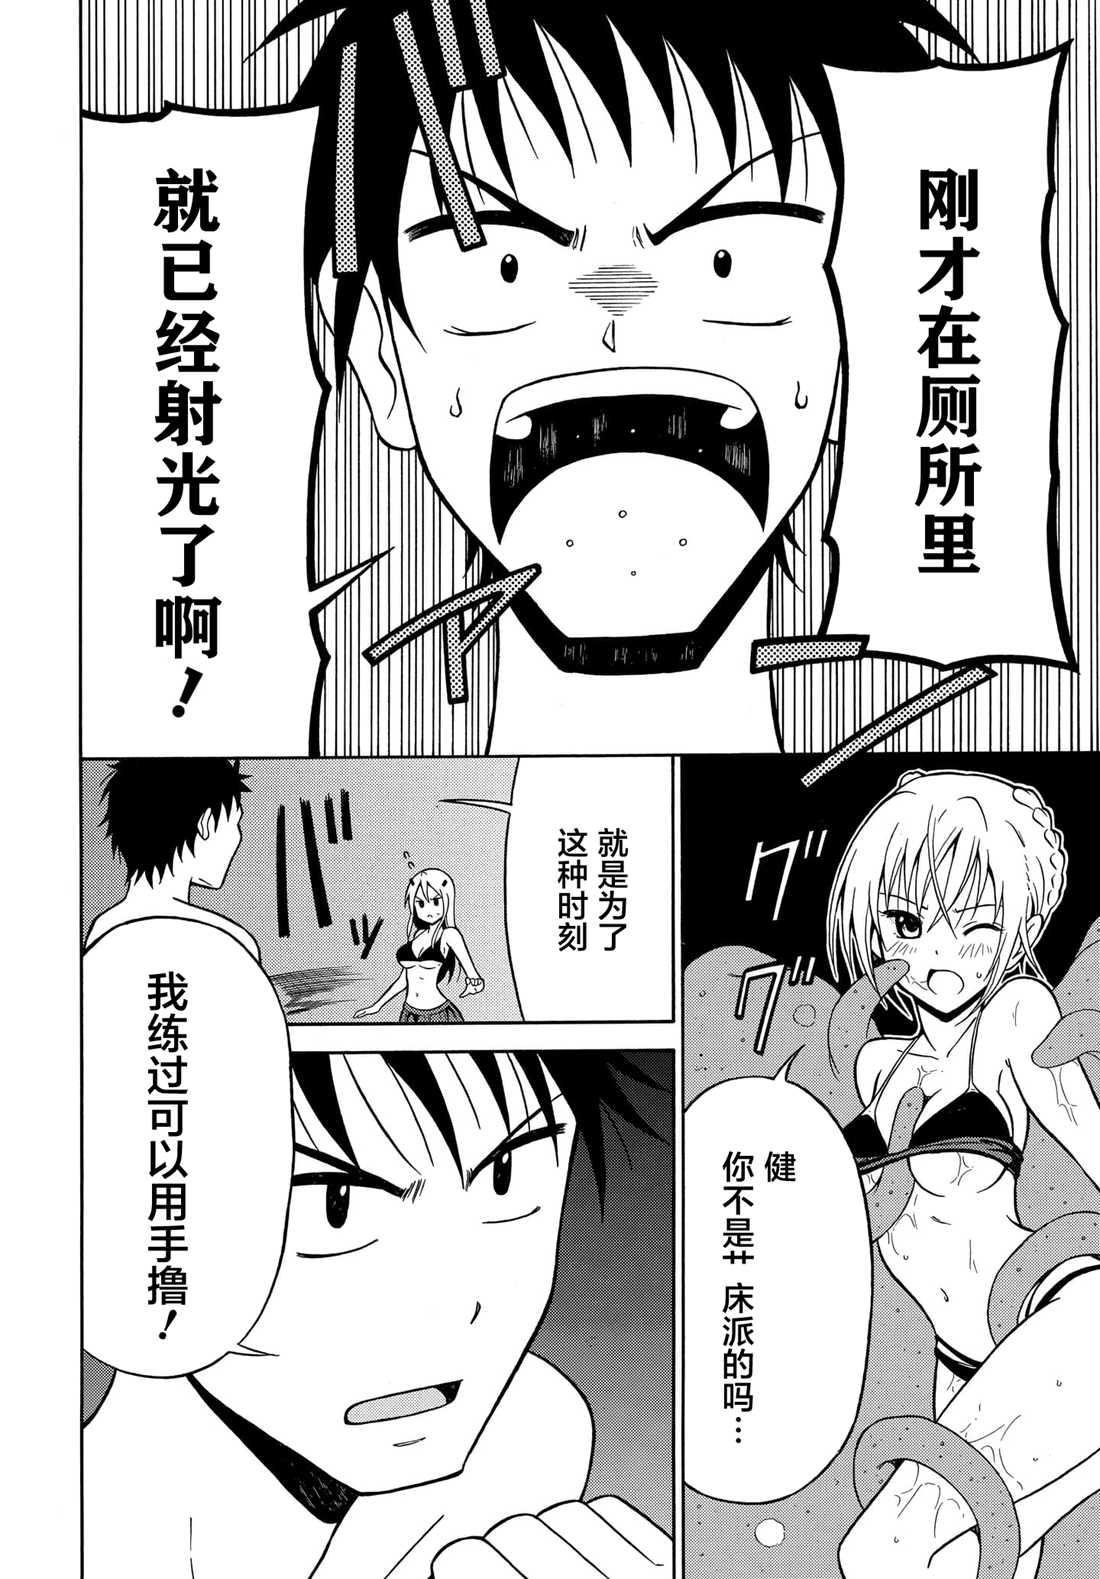 童貞與終結者女友: 08话 - 第12页